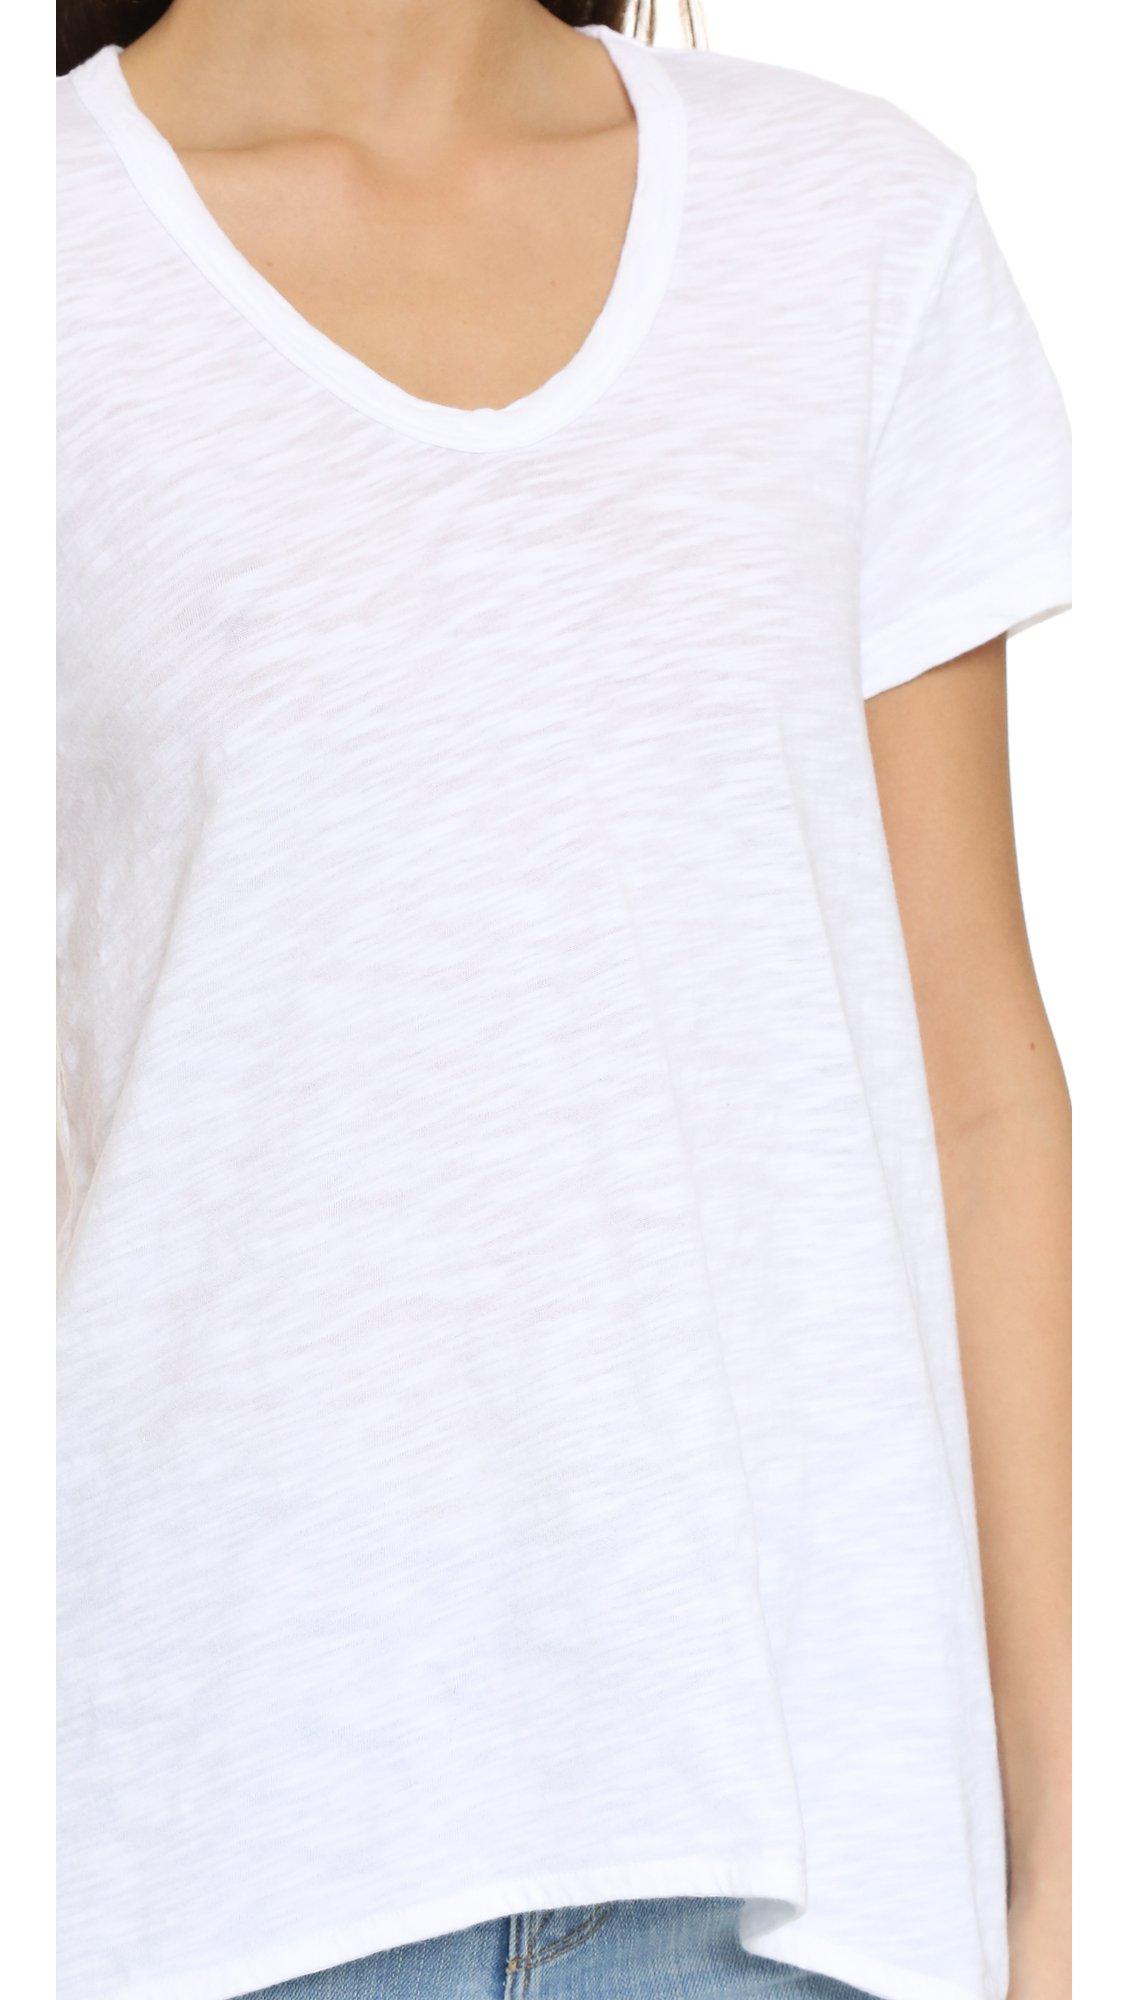 Wilt Women's s/s shrunken bf foundation Shirt, -white, Large